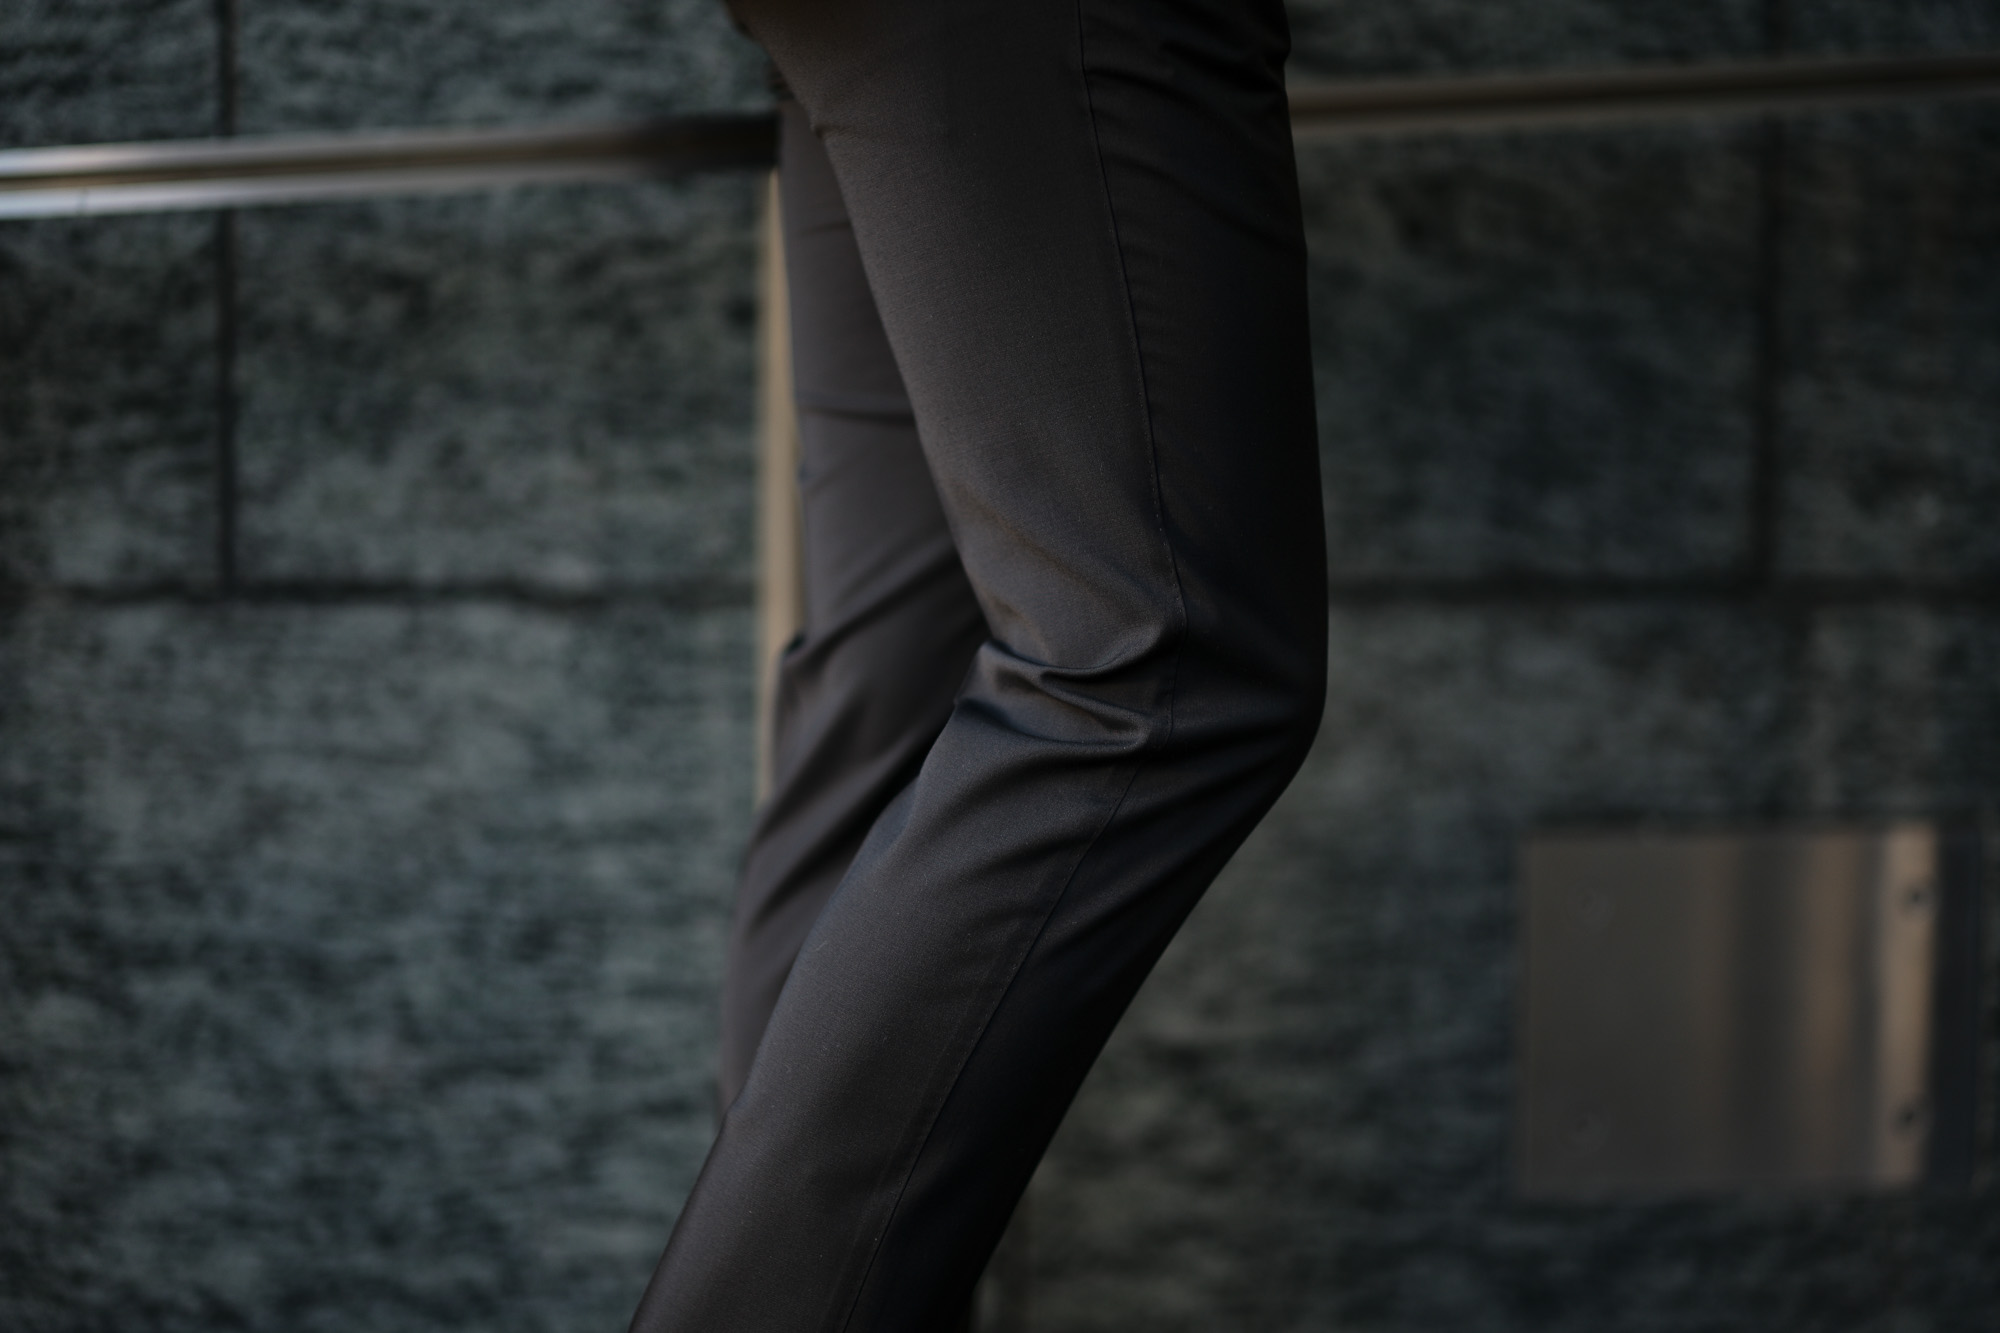 PT TORINO(ピーティートリノ) TRAVELLER (トラベラー) SUPER SLIM FIT (スーパースリムフィット) WASHABLE TECHNO WOOL ストレッチ ウォッシャブル トロピカル サマーウール スラックス BLACK (ブラック・0990) 2020 春夏新作 愛知 名古屋 altoediritto アルトエデリット